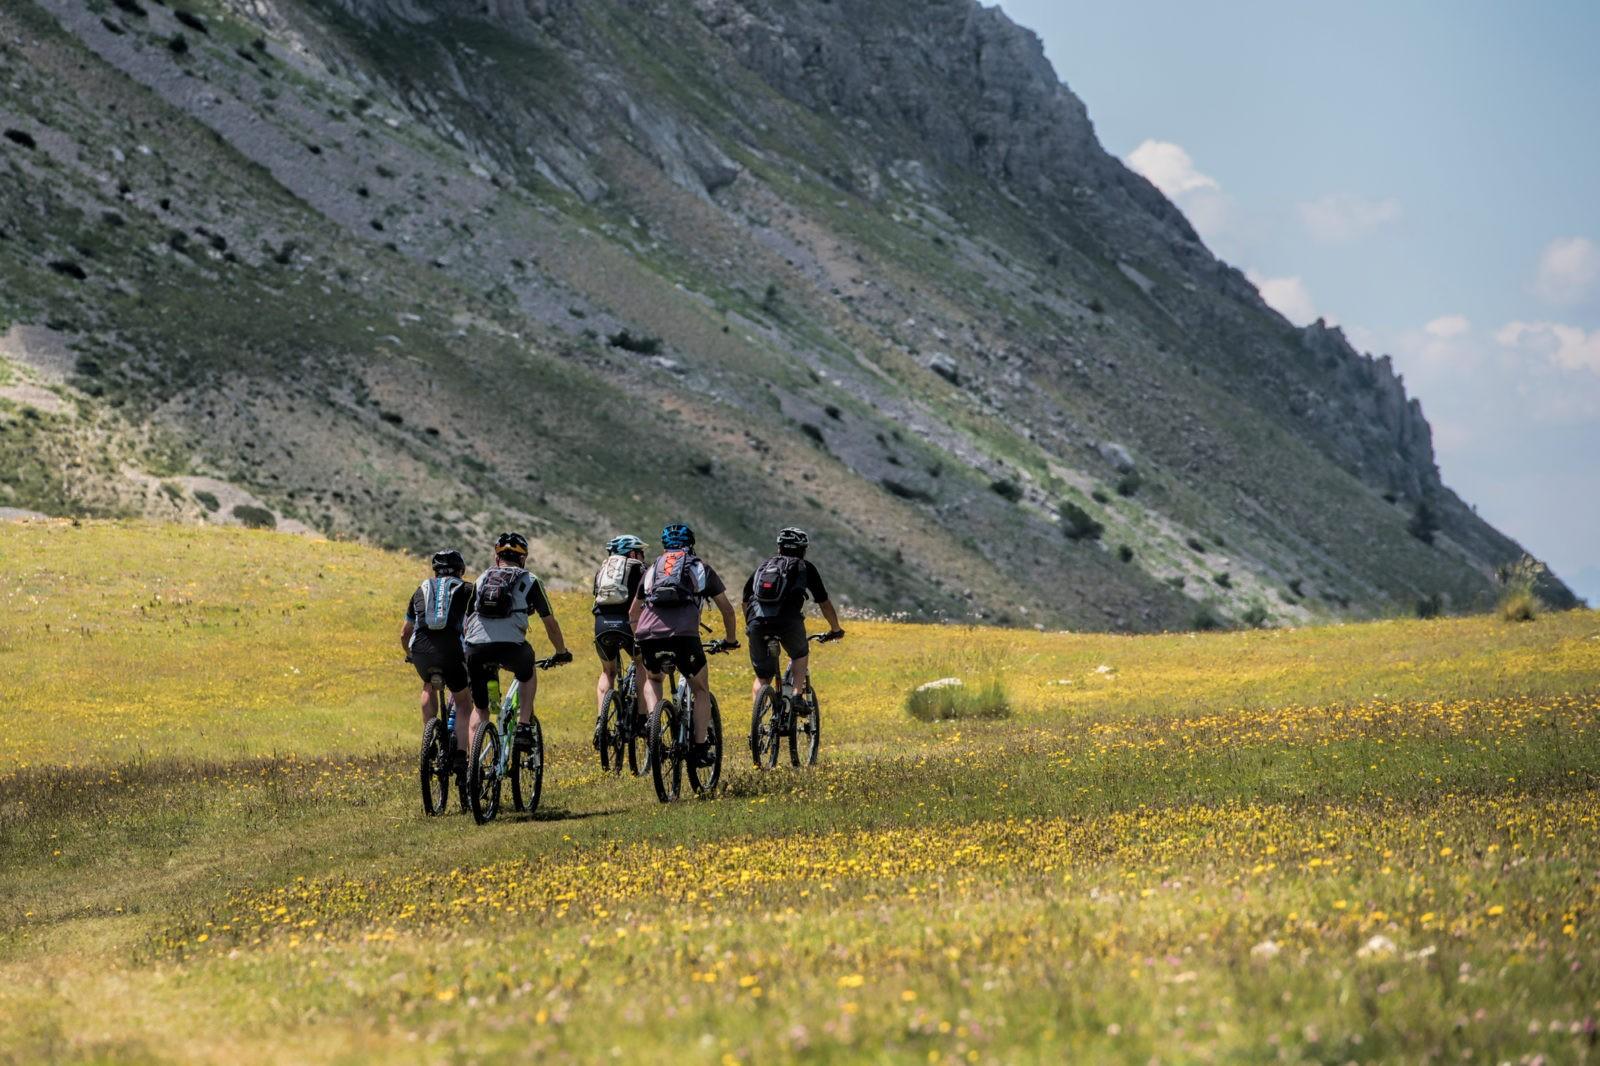 Andar de bicicleta com mochilas nas montanhas